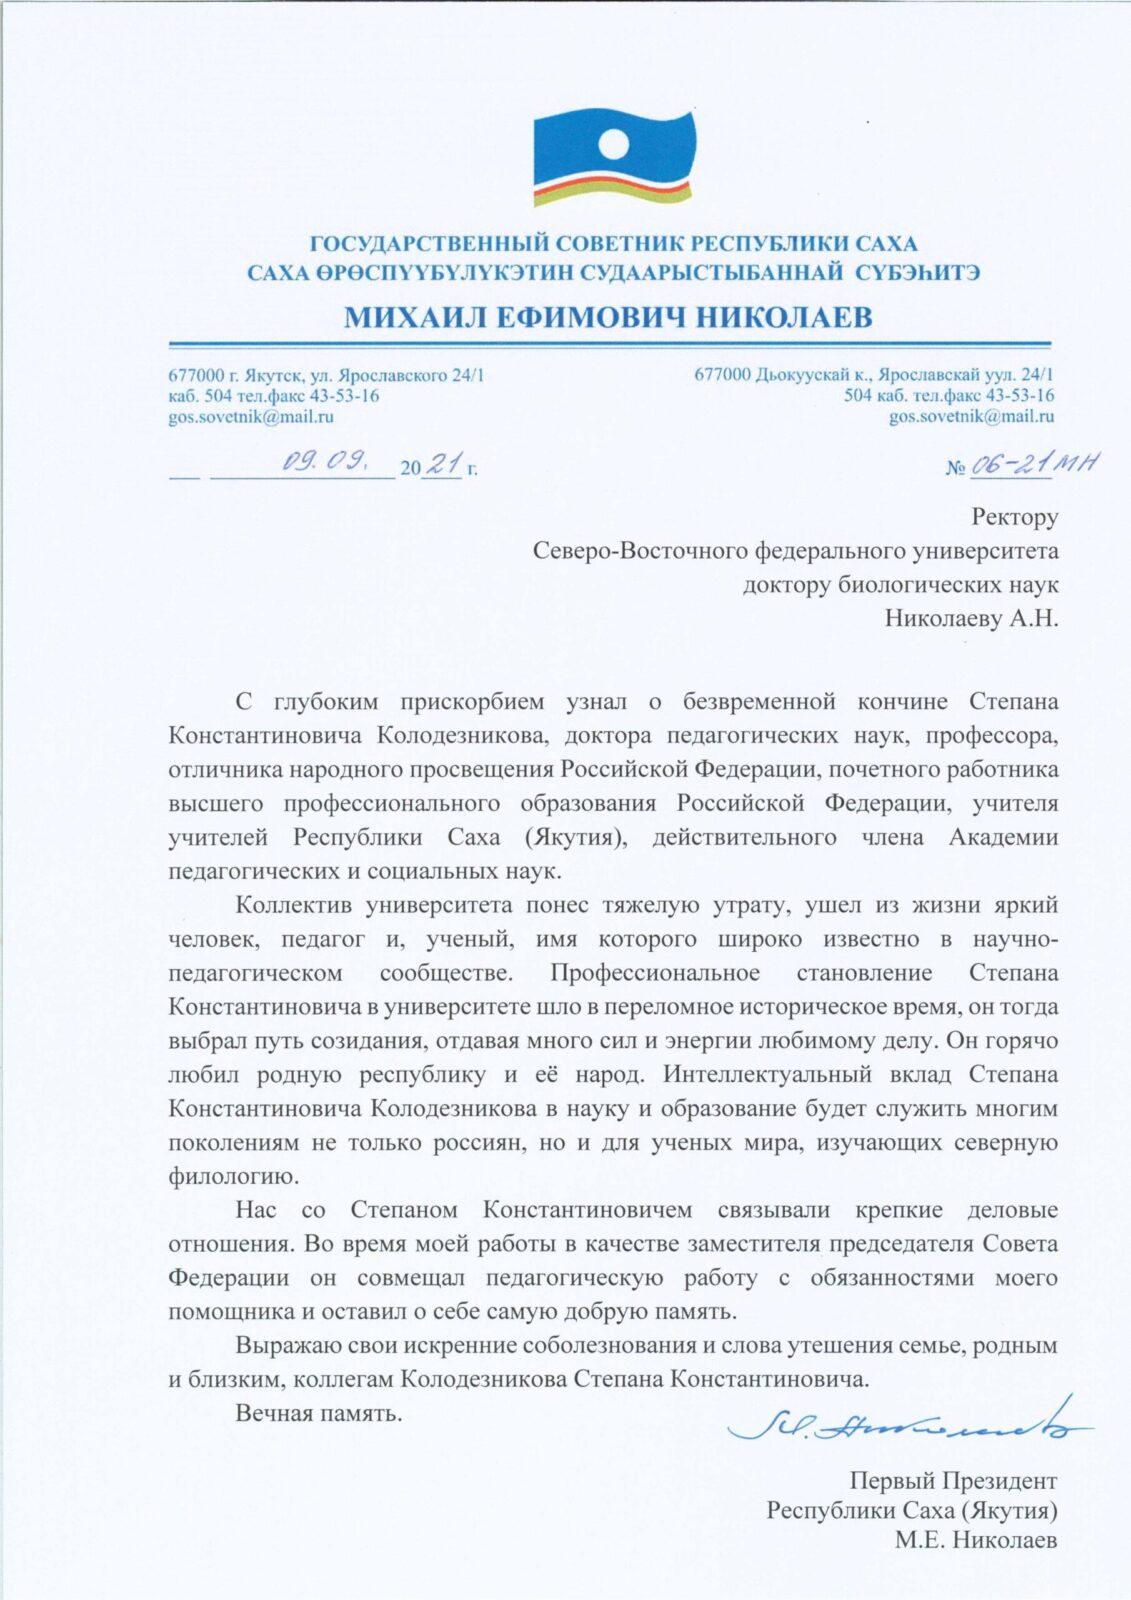 Соболезнования от Первого Президента Республики Саха семье и близким С.К.Колодезникова